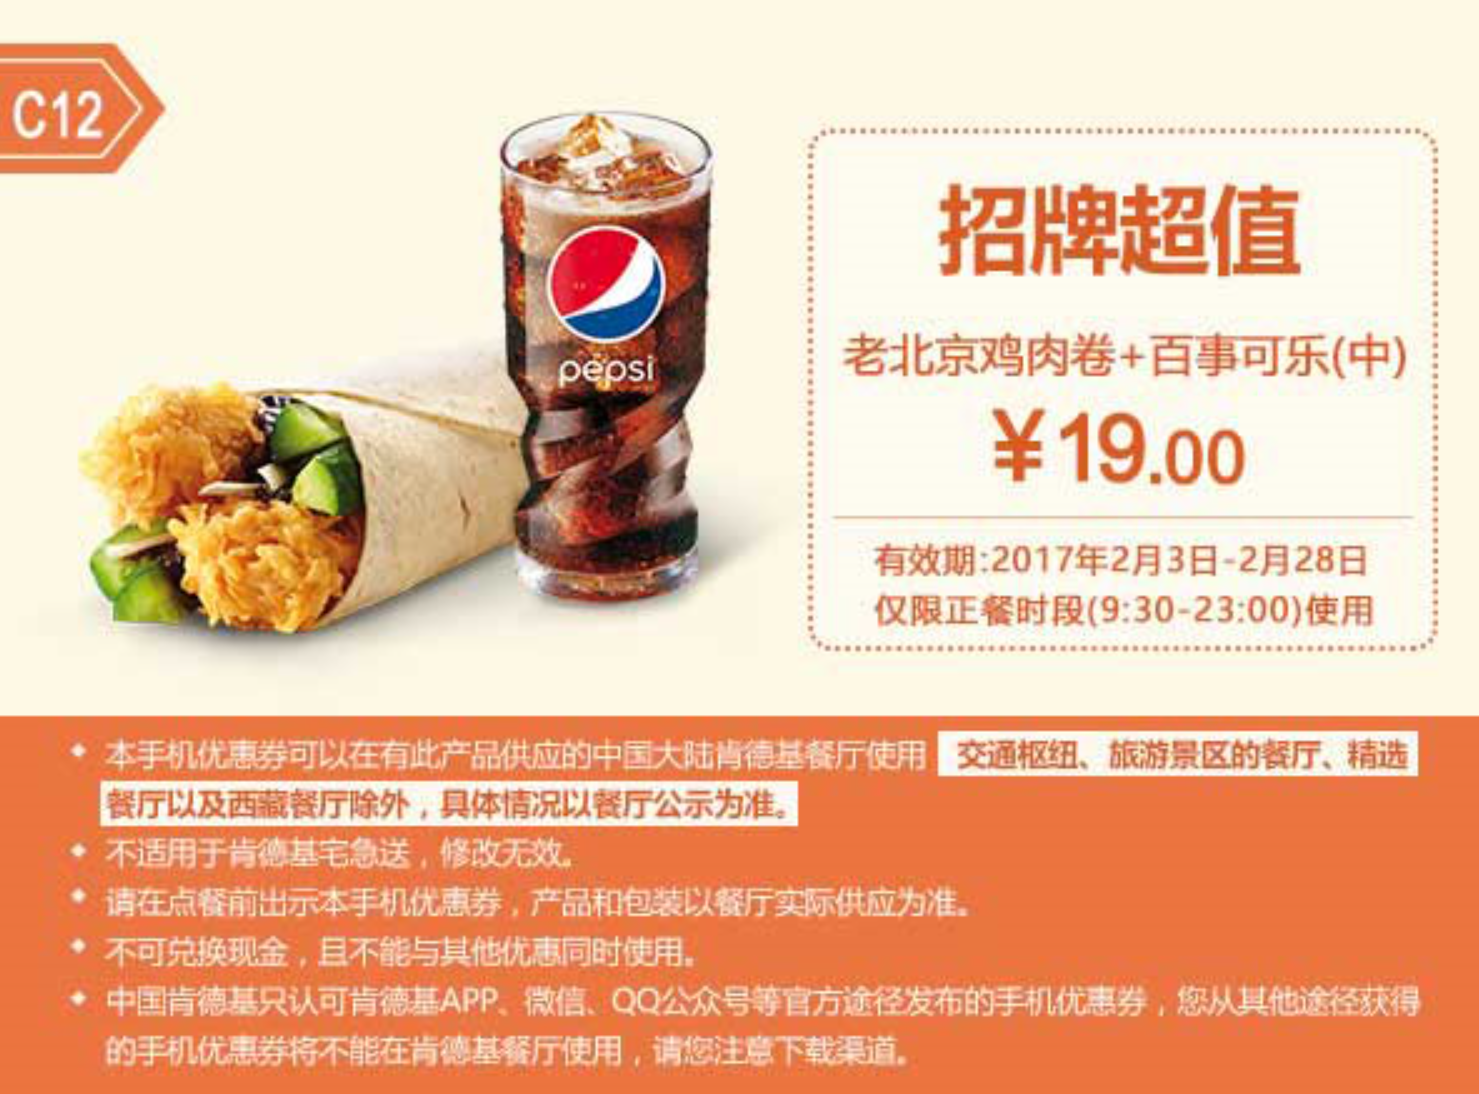 C12老北京鸡肉卷+百事可乐(中)